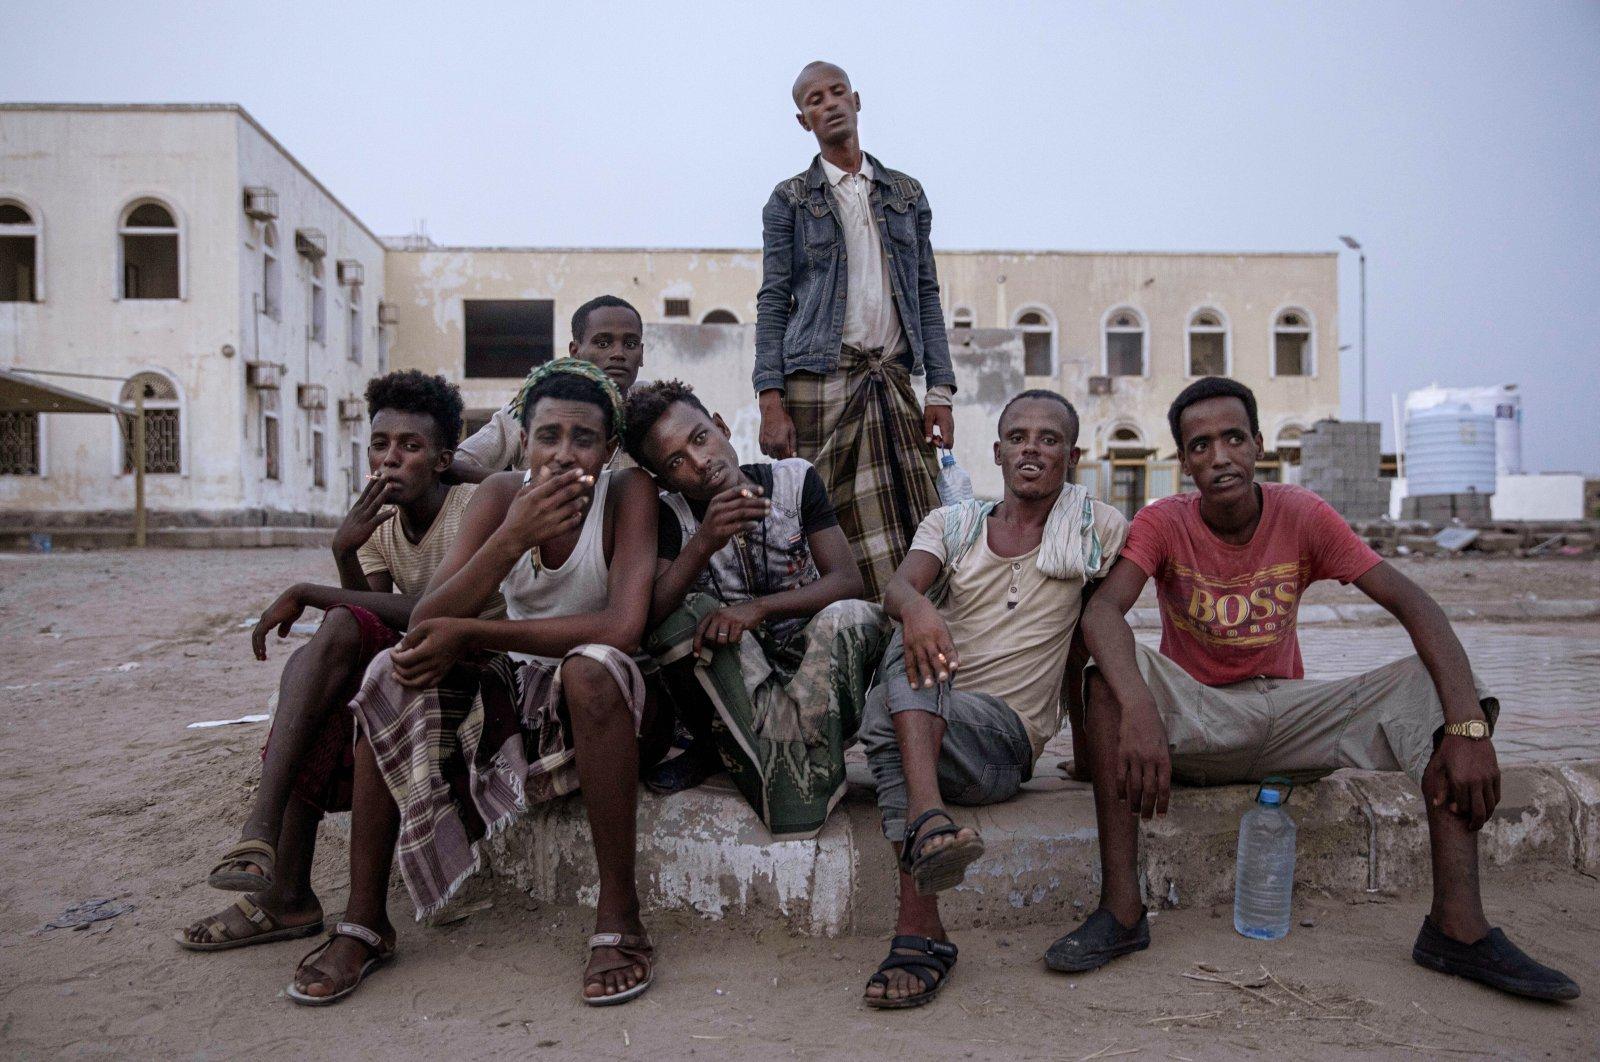 محرقة صنعاء تحرق أحلام المهاجرين الإثيوبيين